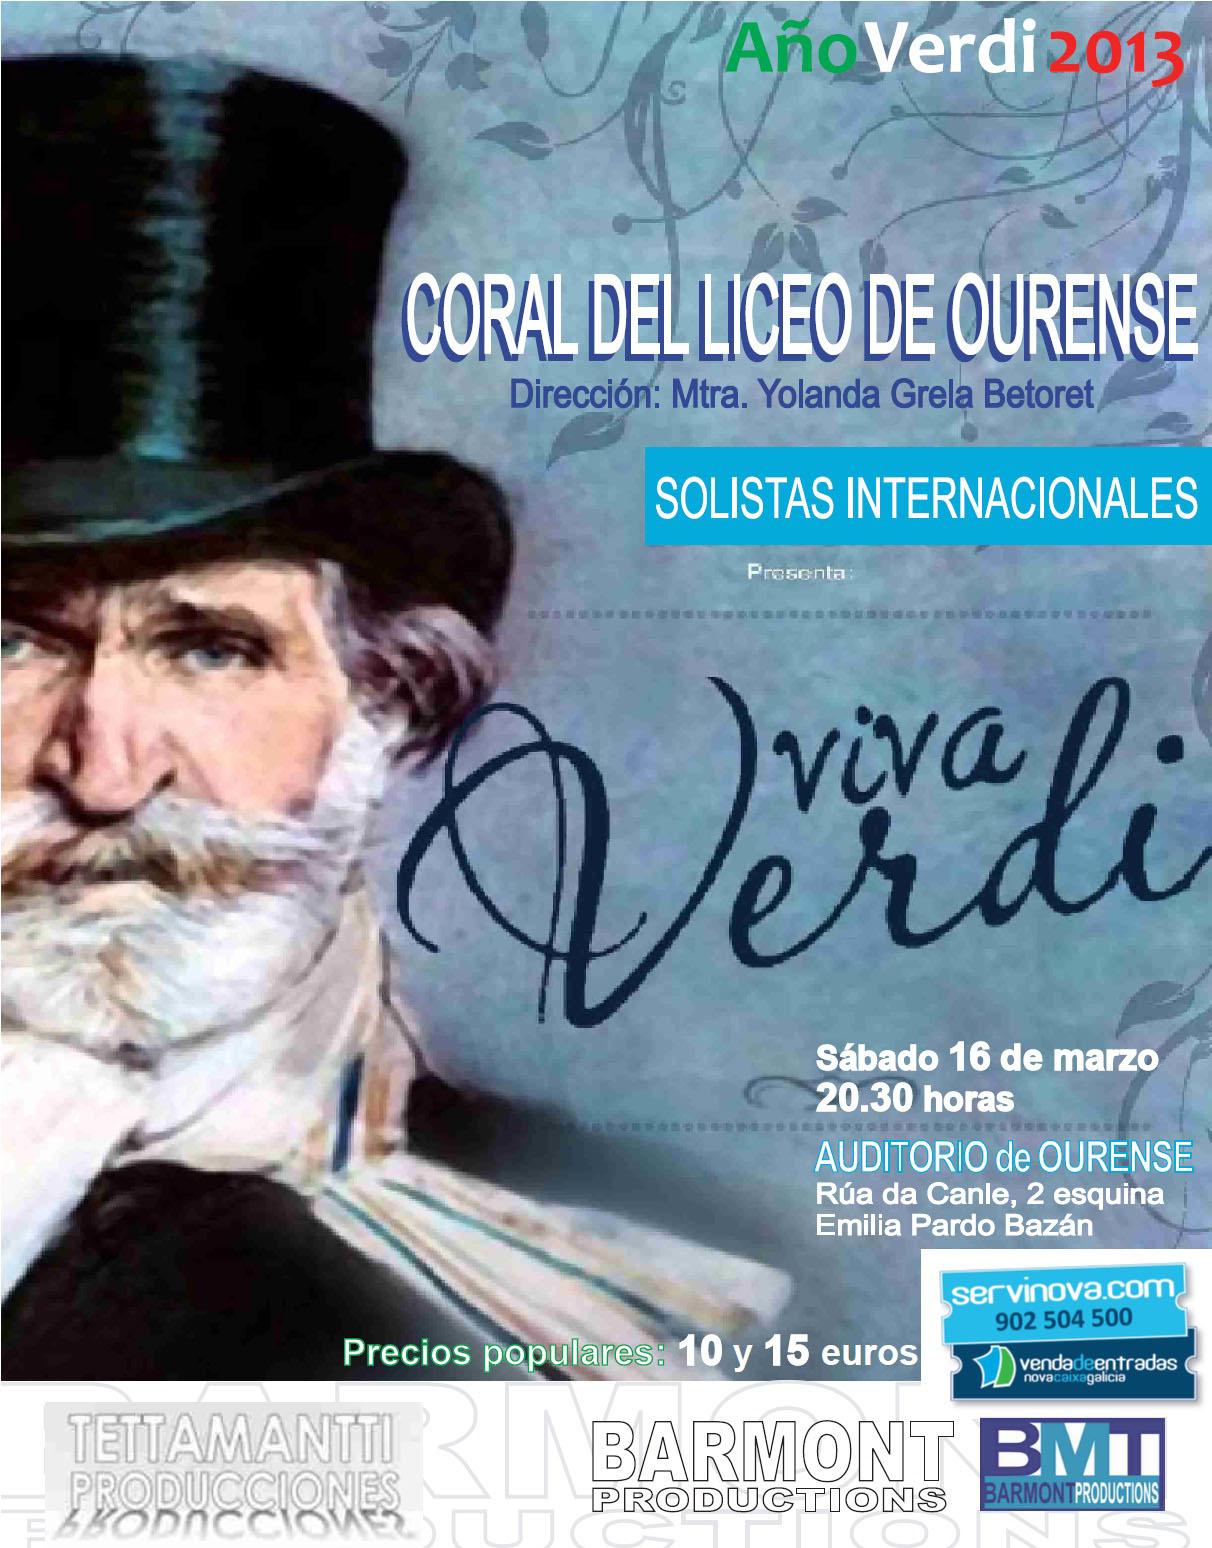 Cartel Ourense verdi